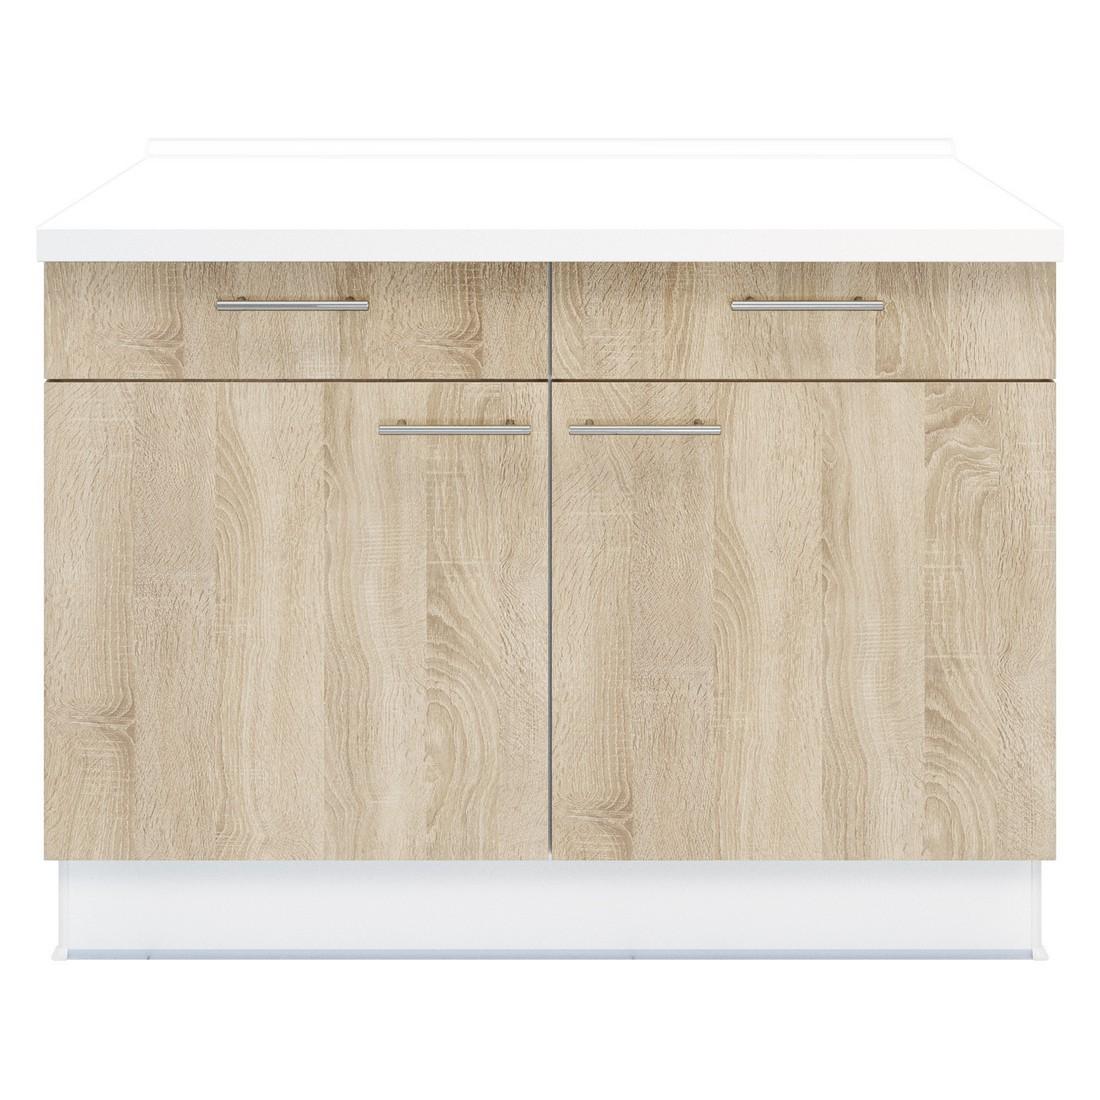 Doppel Unterschrank Basic – 2x Schubladen – 1x Besteckeinsatz – Eiche Sonoma Dekor, Kiveda kaufen